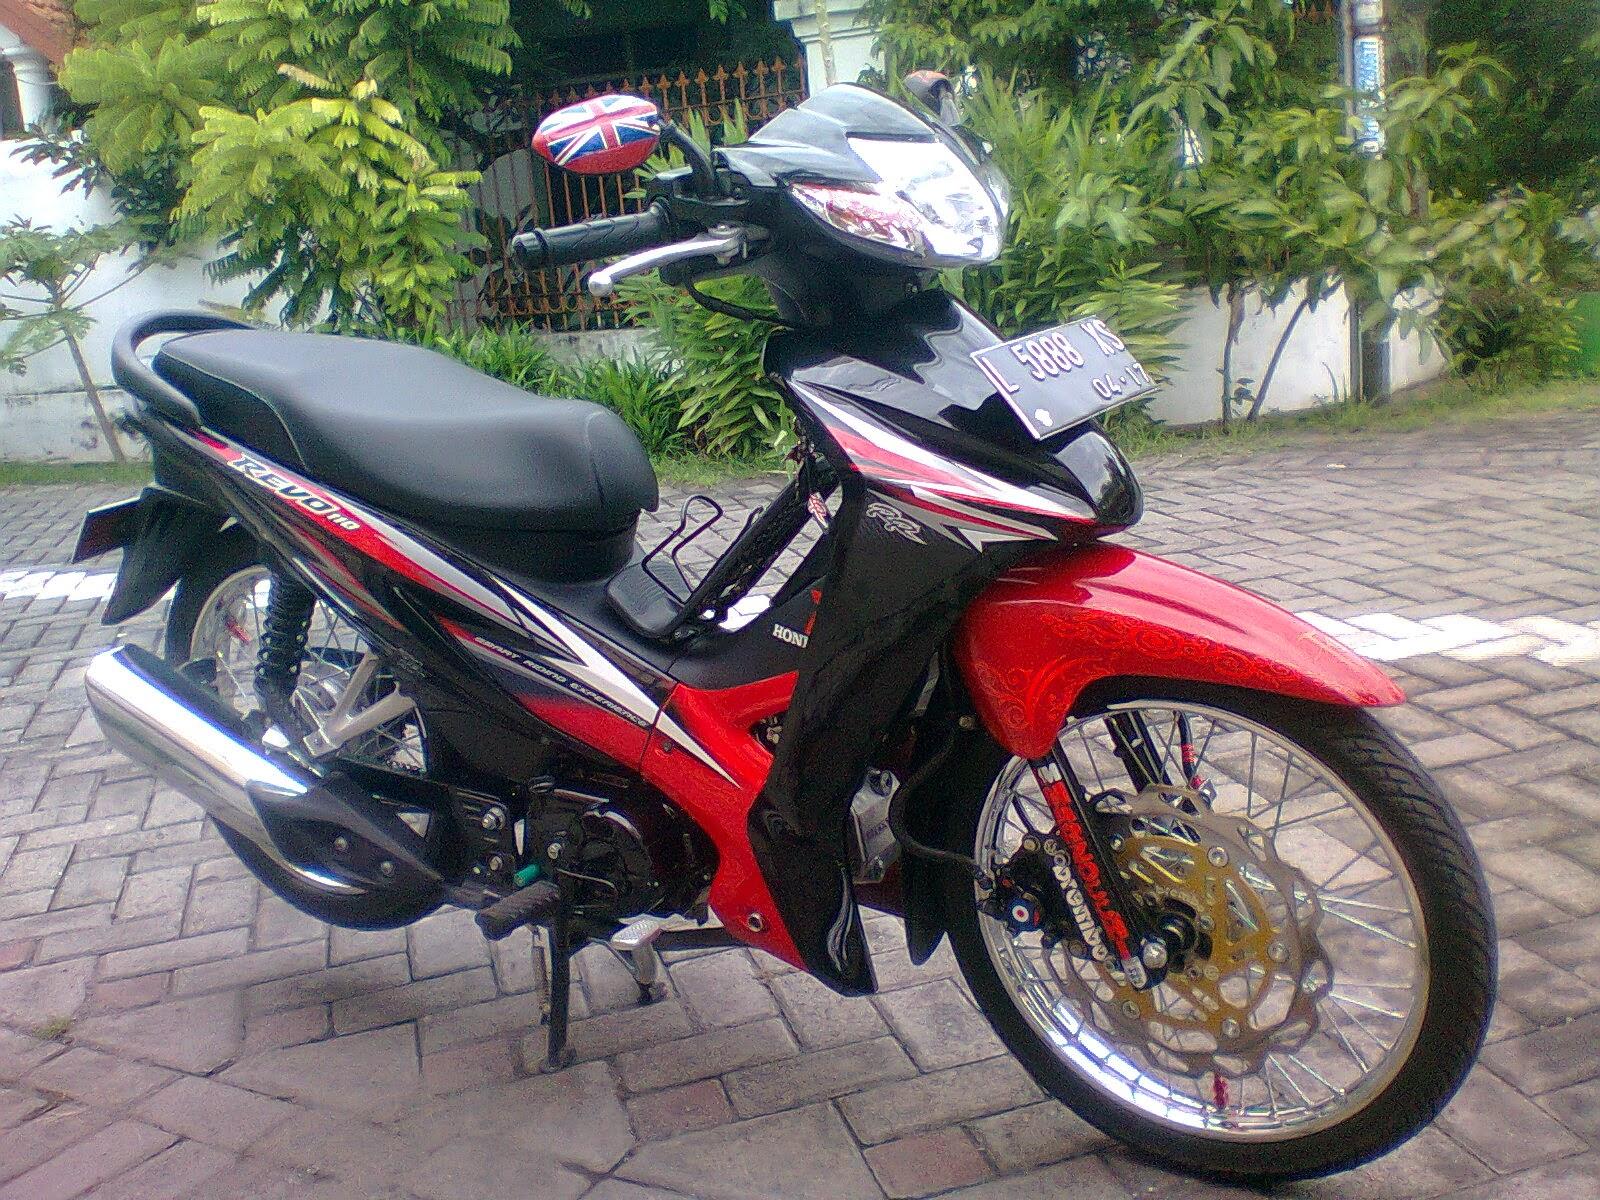 Foto Modifikasi Motor Honda Revo Terkeren Dan Terbaru